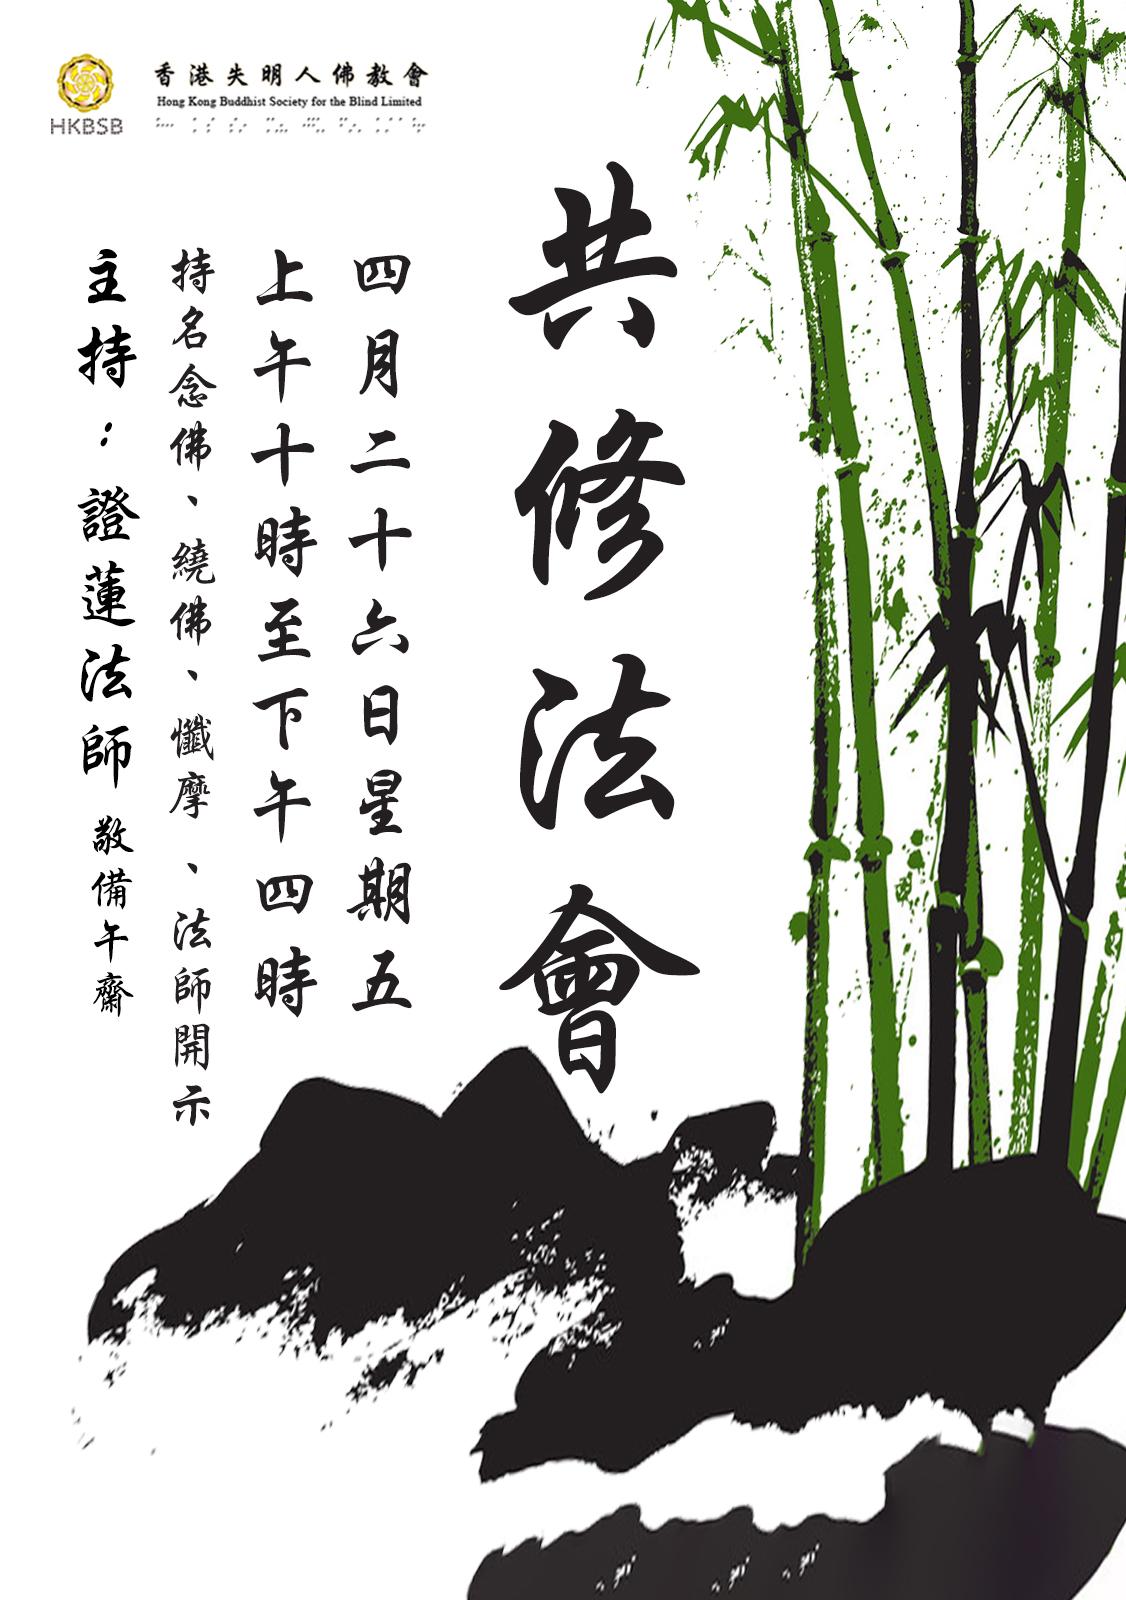 2019-4-26共修念佛、繞佛、懺摩法會(證蓮法師主持)